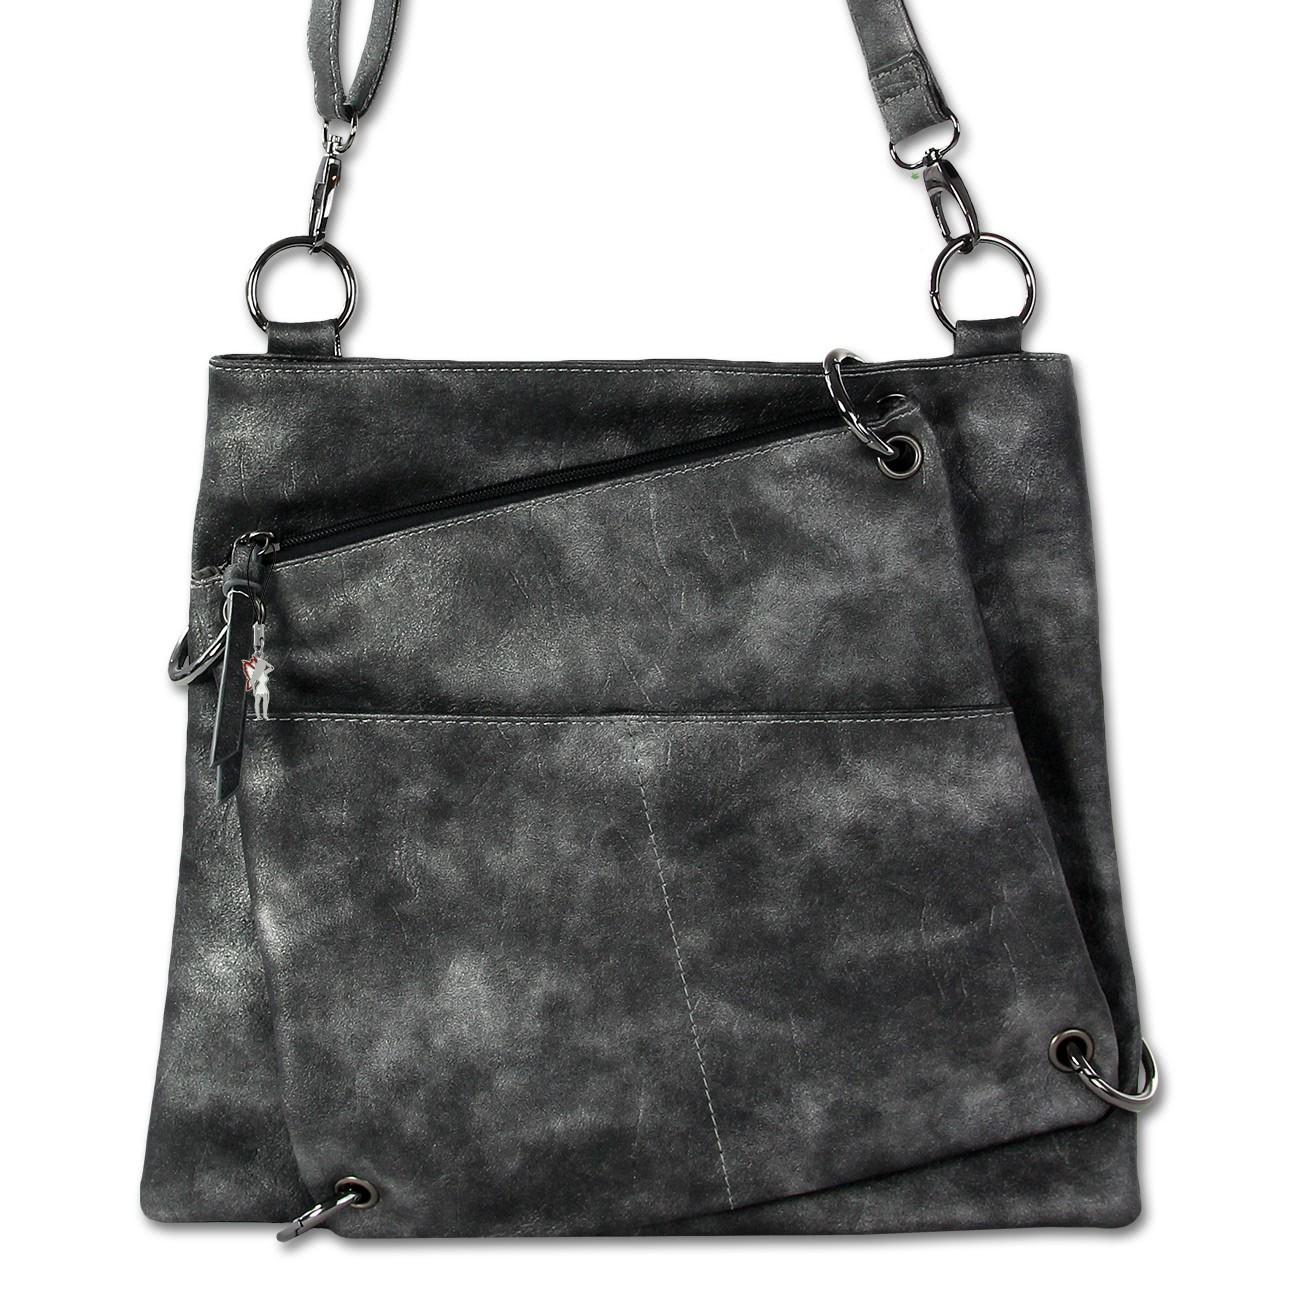 Umhängetasche Abendtasche Kunstleder schwarz Damentasche Jennifer Jones OTJ138S